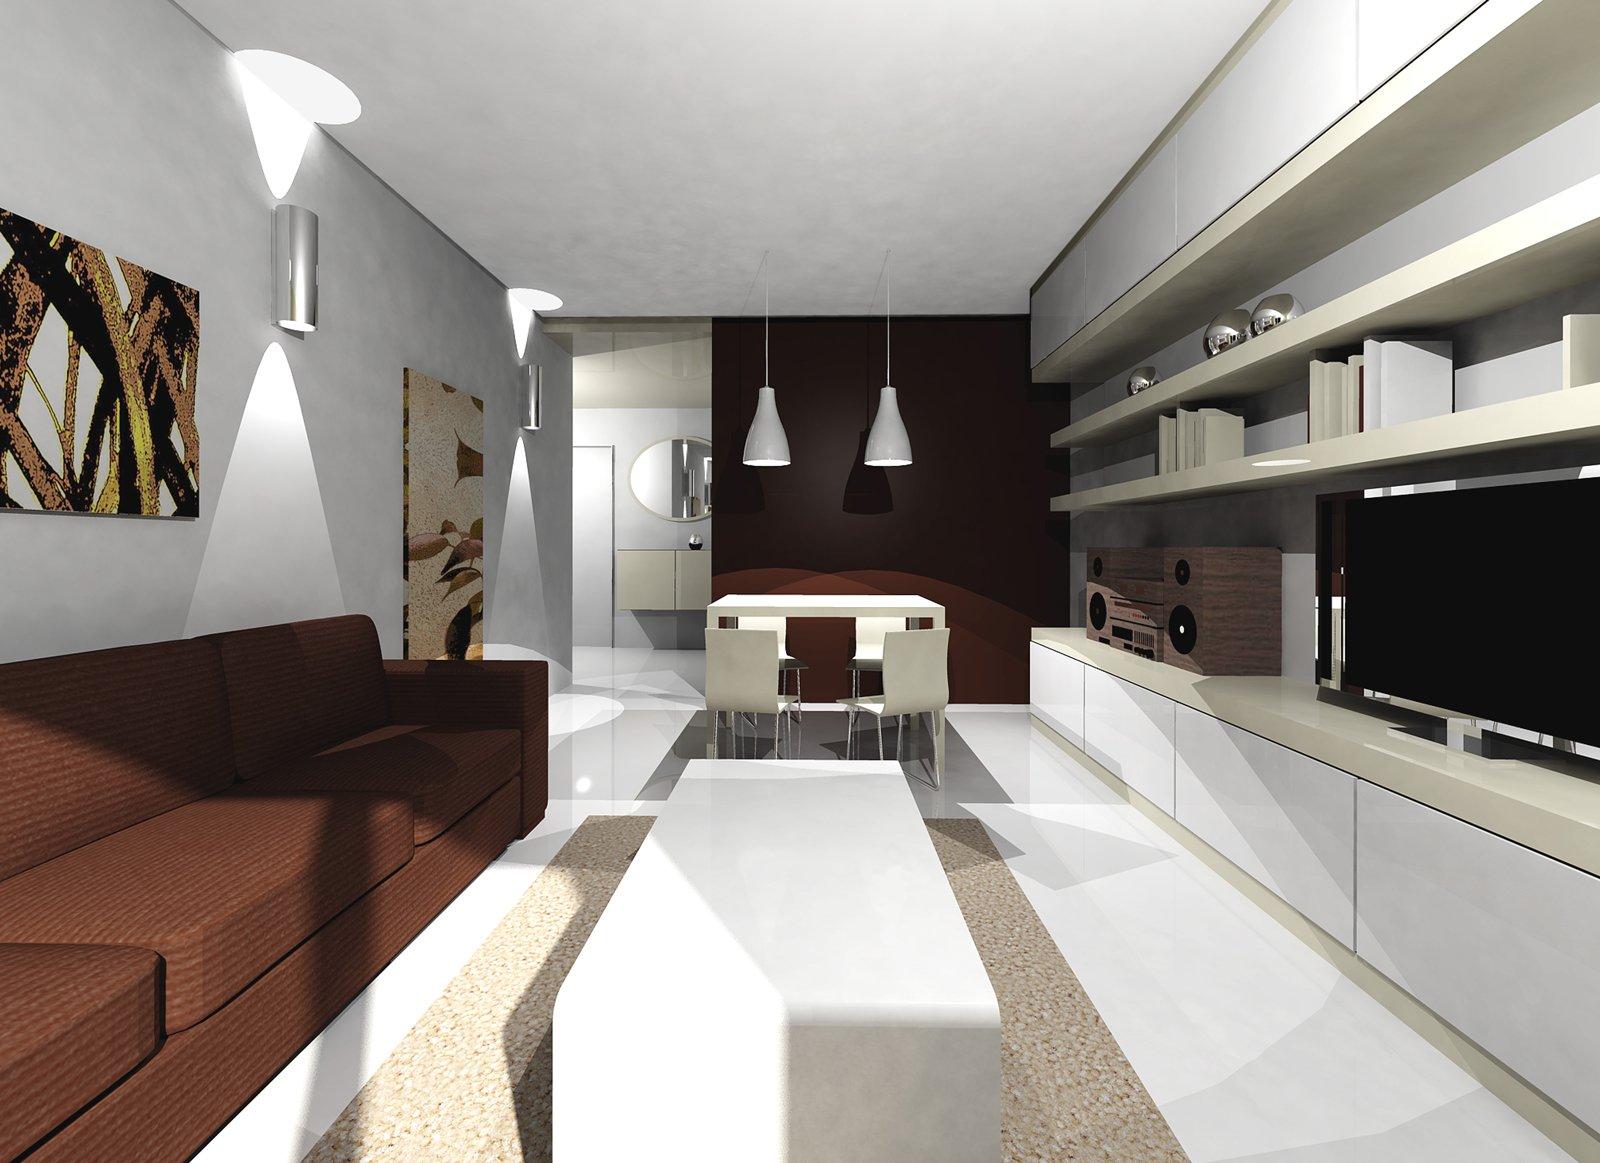 Ricavare la seconda camera in 60 mq - Cose di Casa